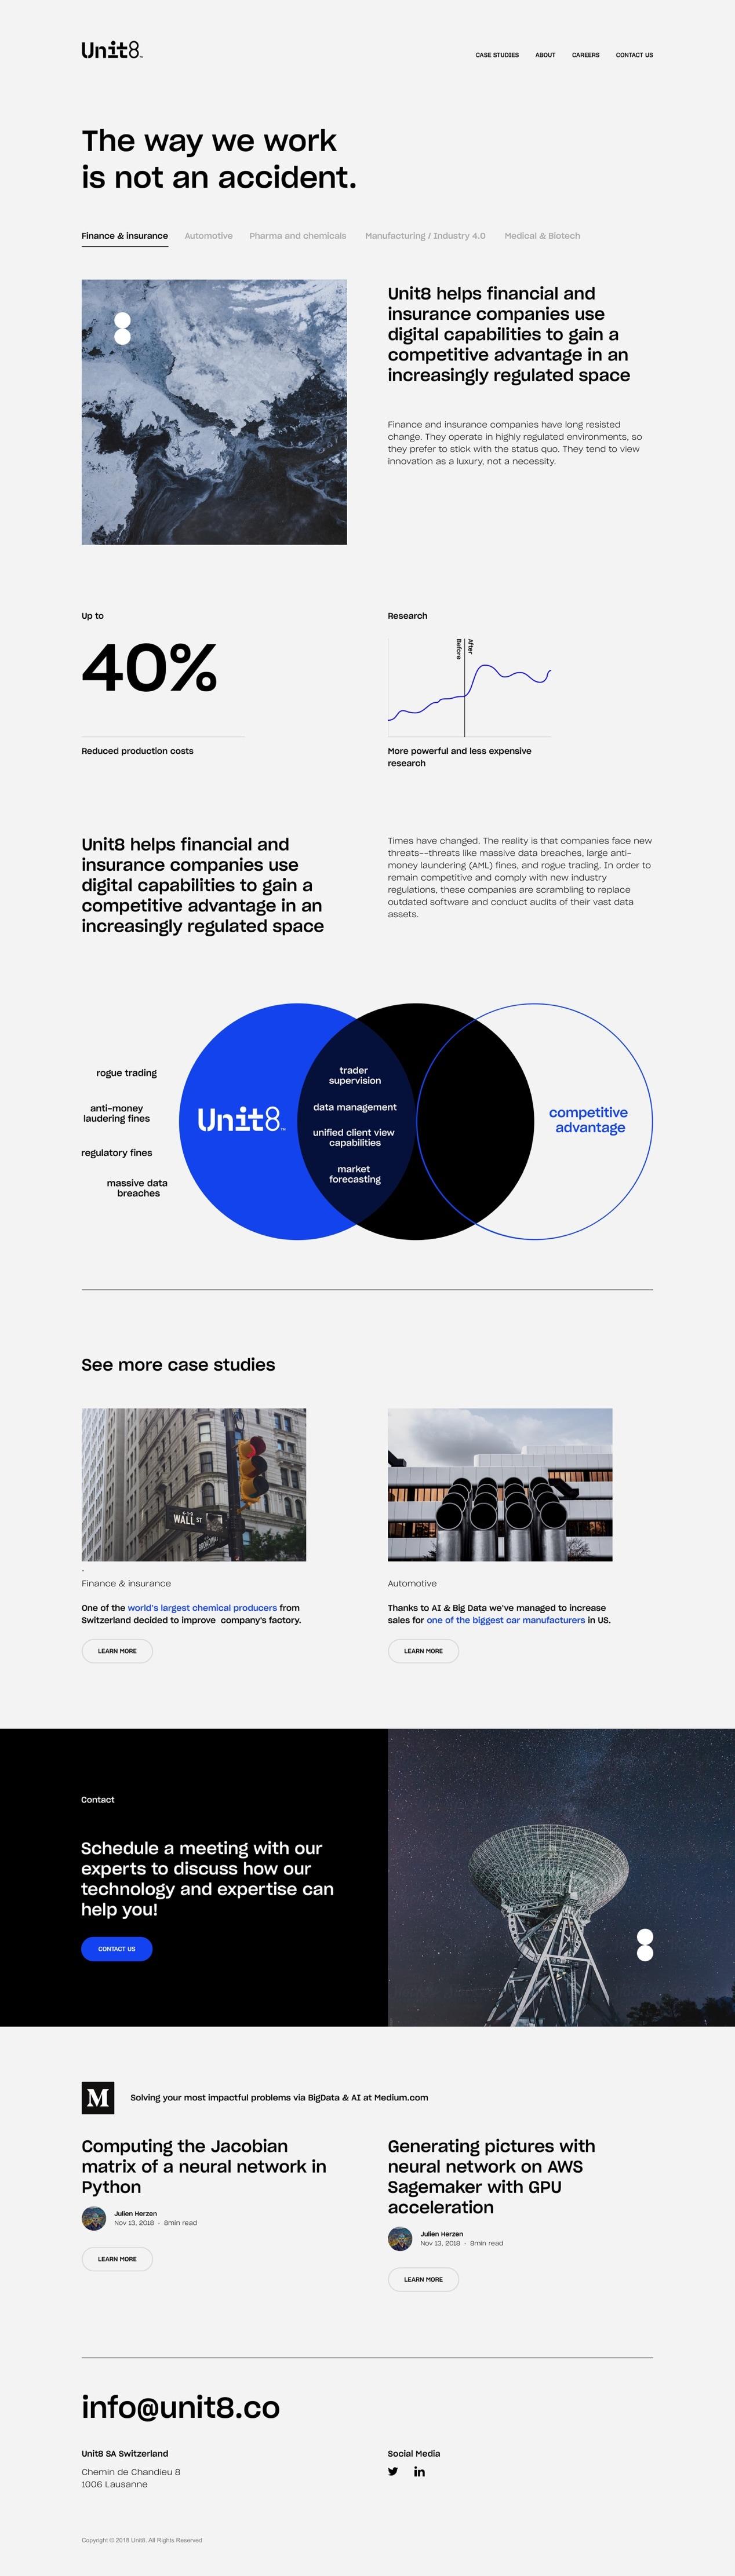 Unit8 by Maciej Mach - UI/UX designer / Poland / Poznań